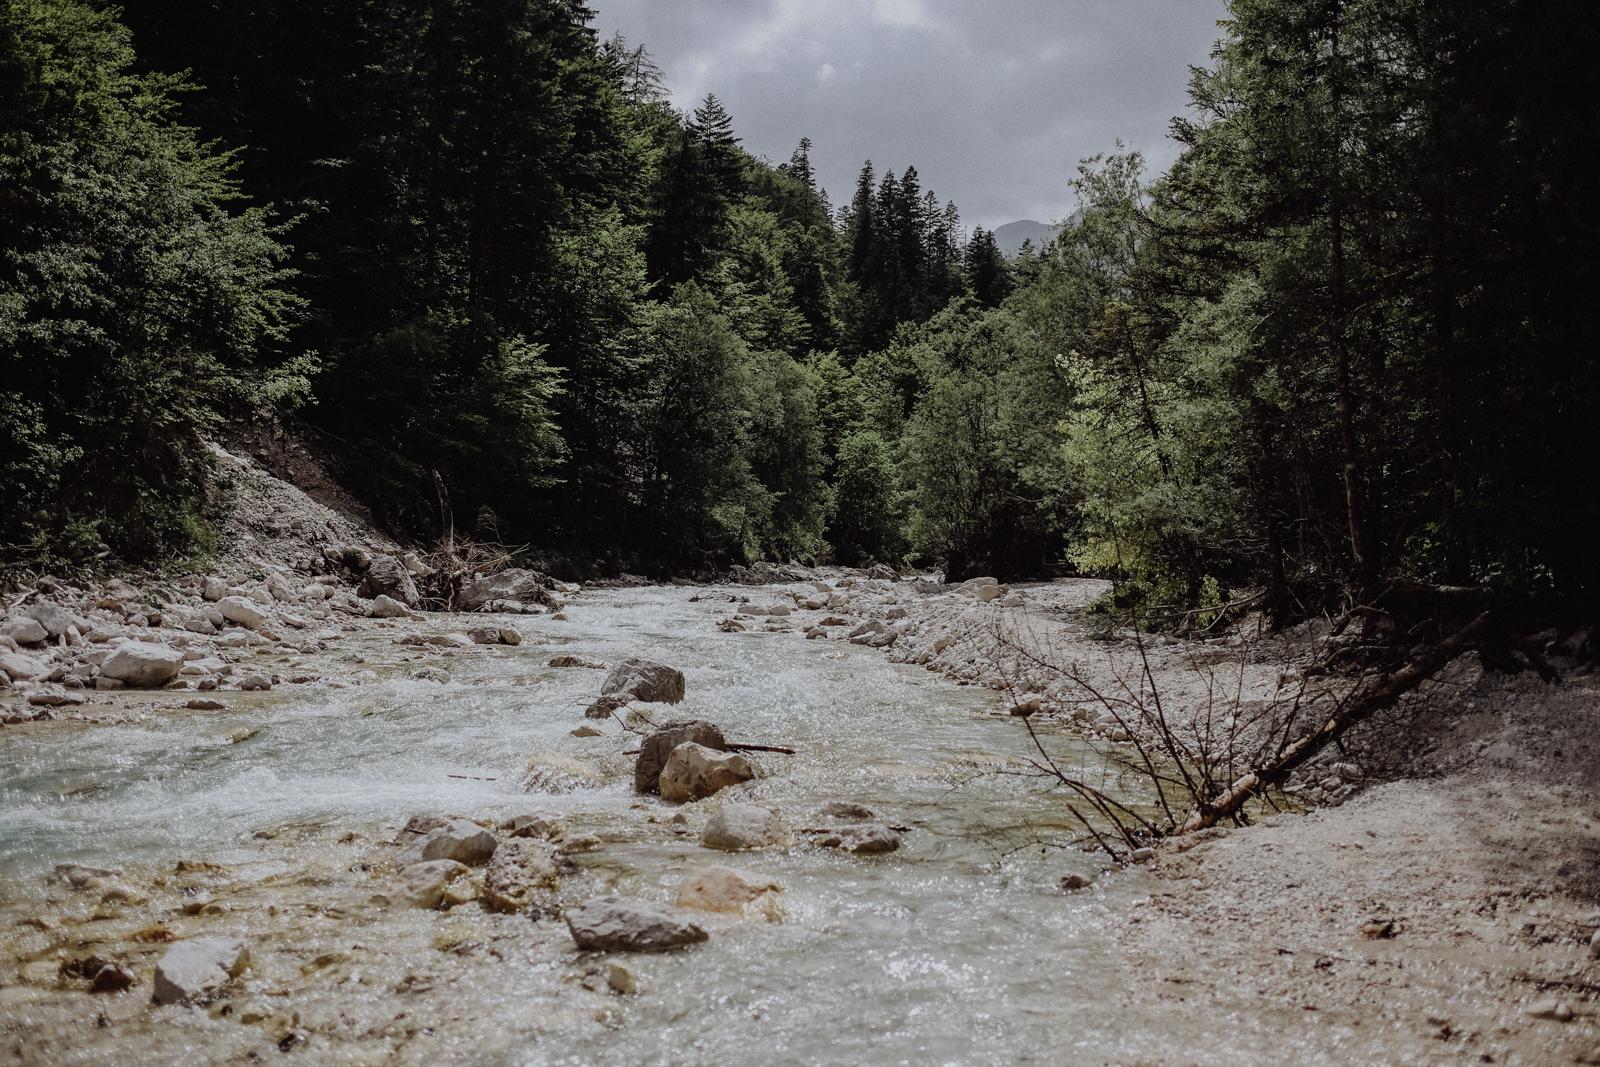 Wandern Slowenien Vrata Tal Wasserfall Pericnik